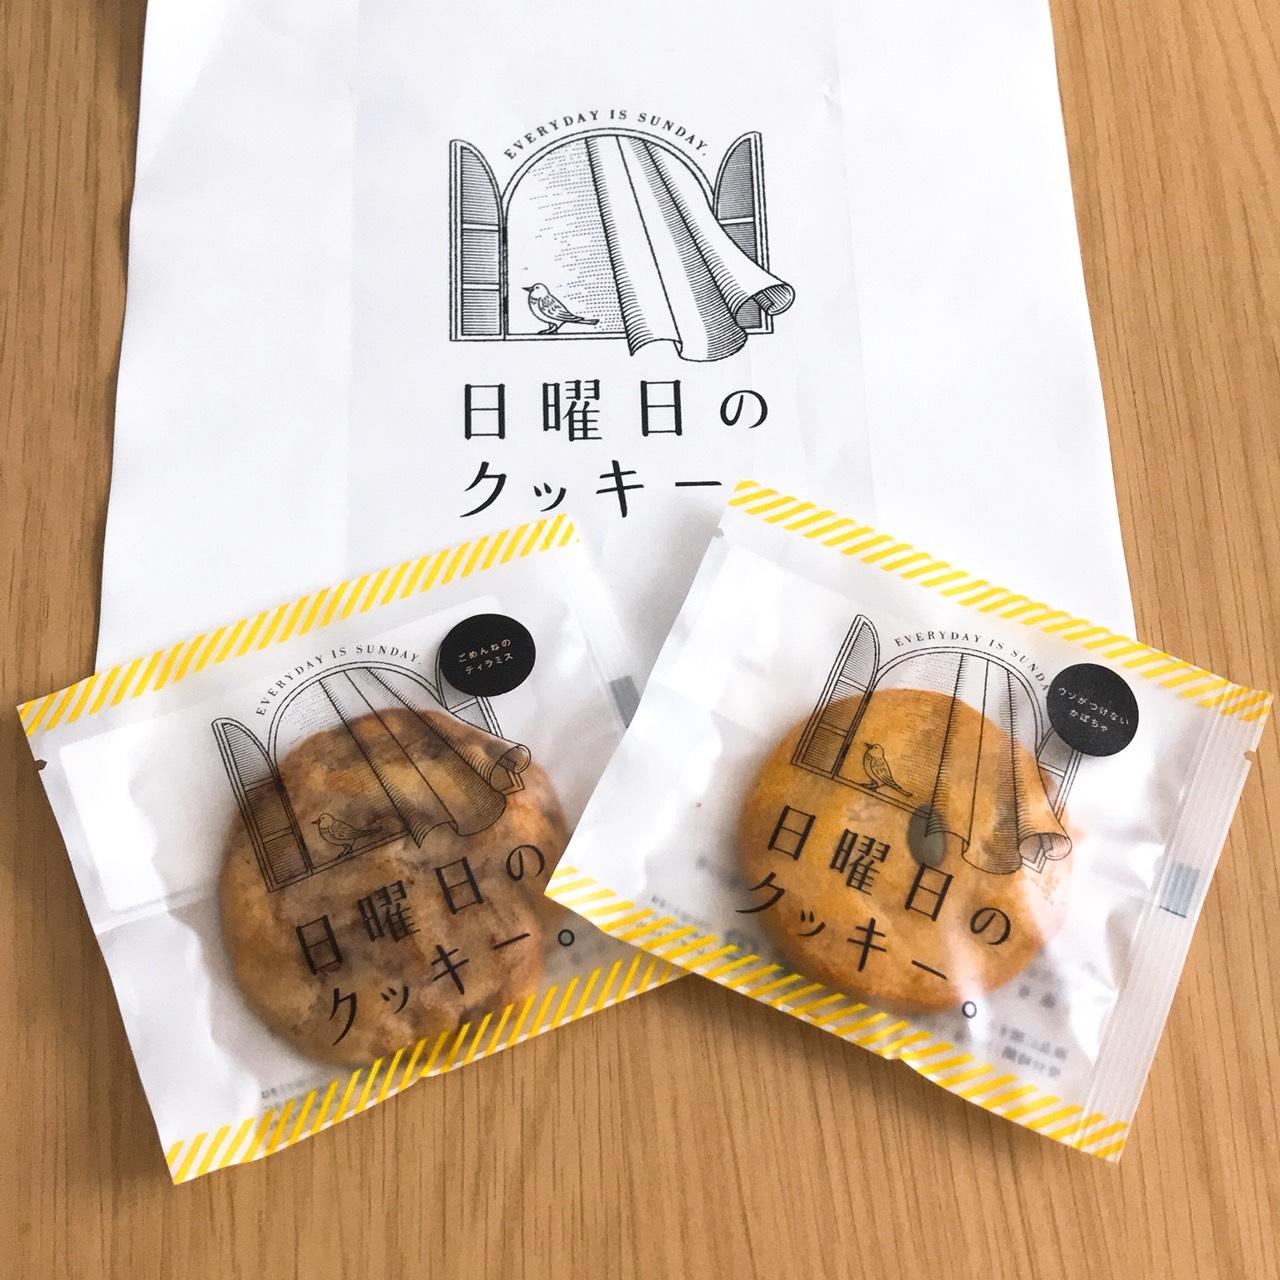 日曜日のクッキー 円山店